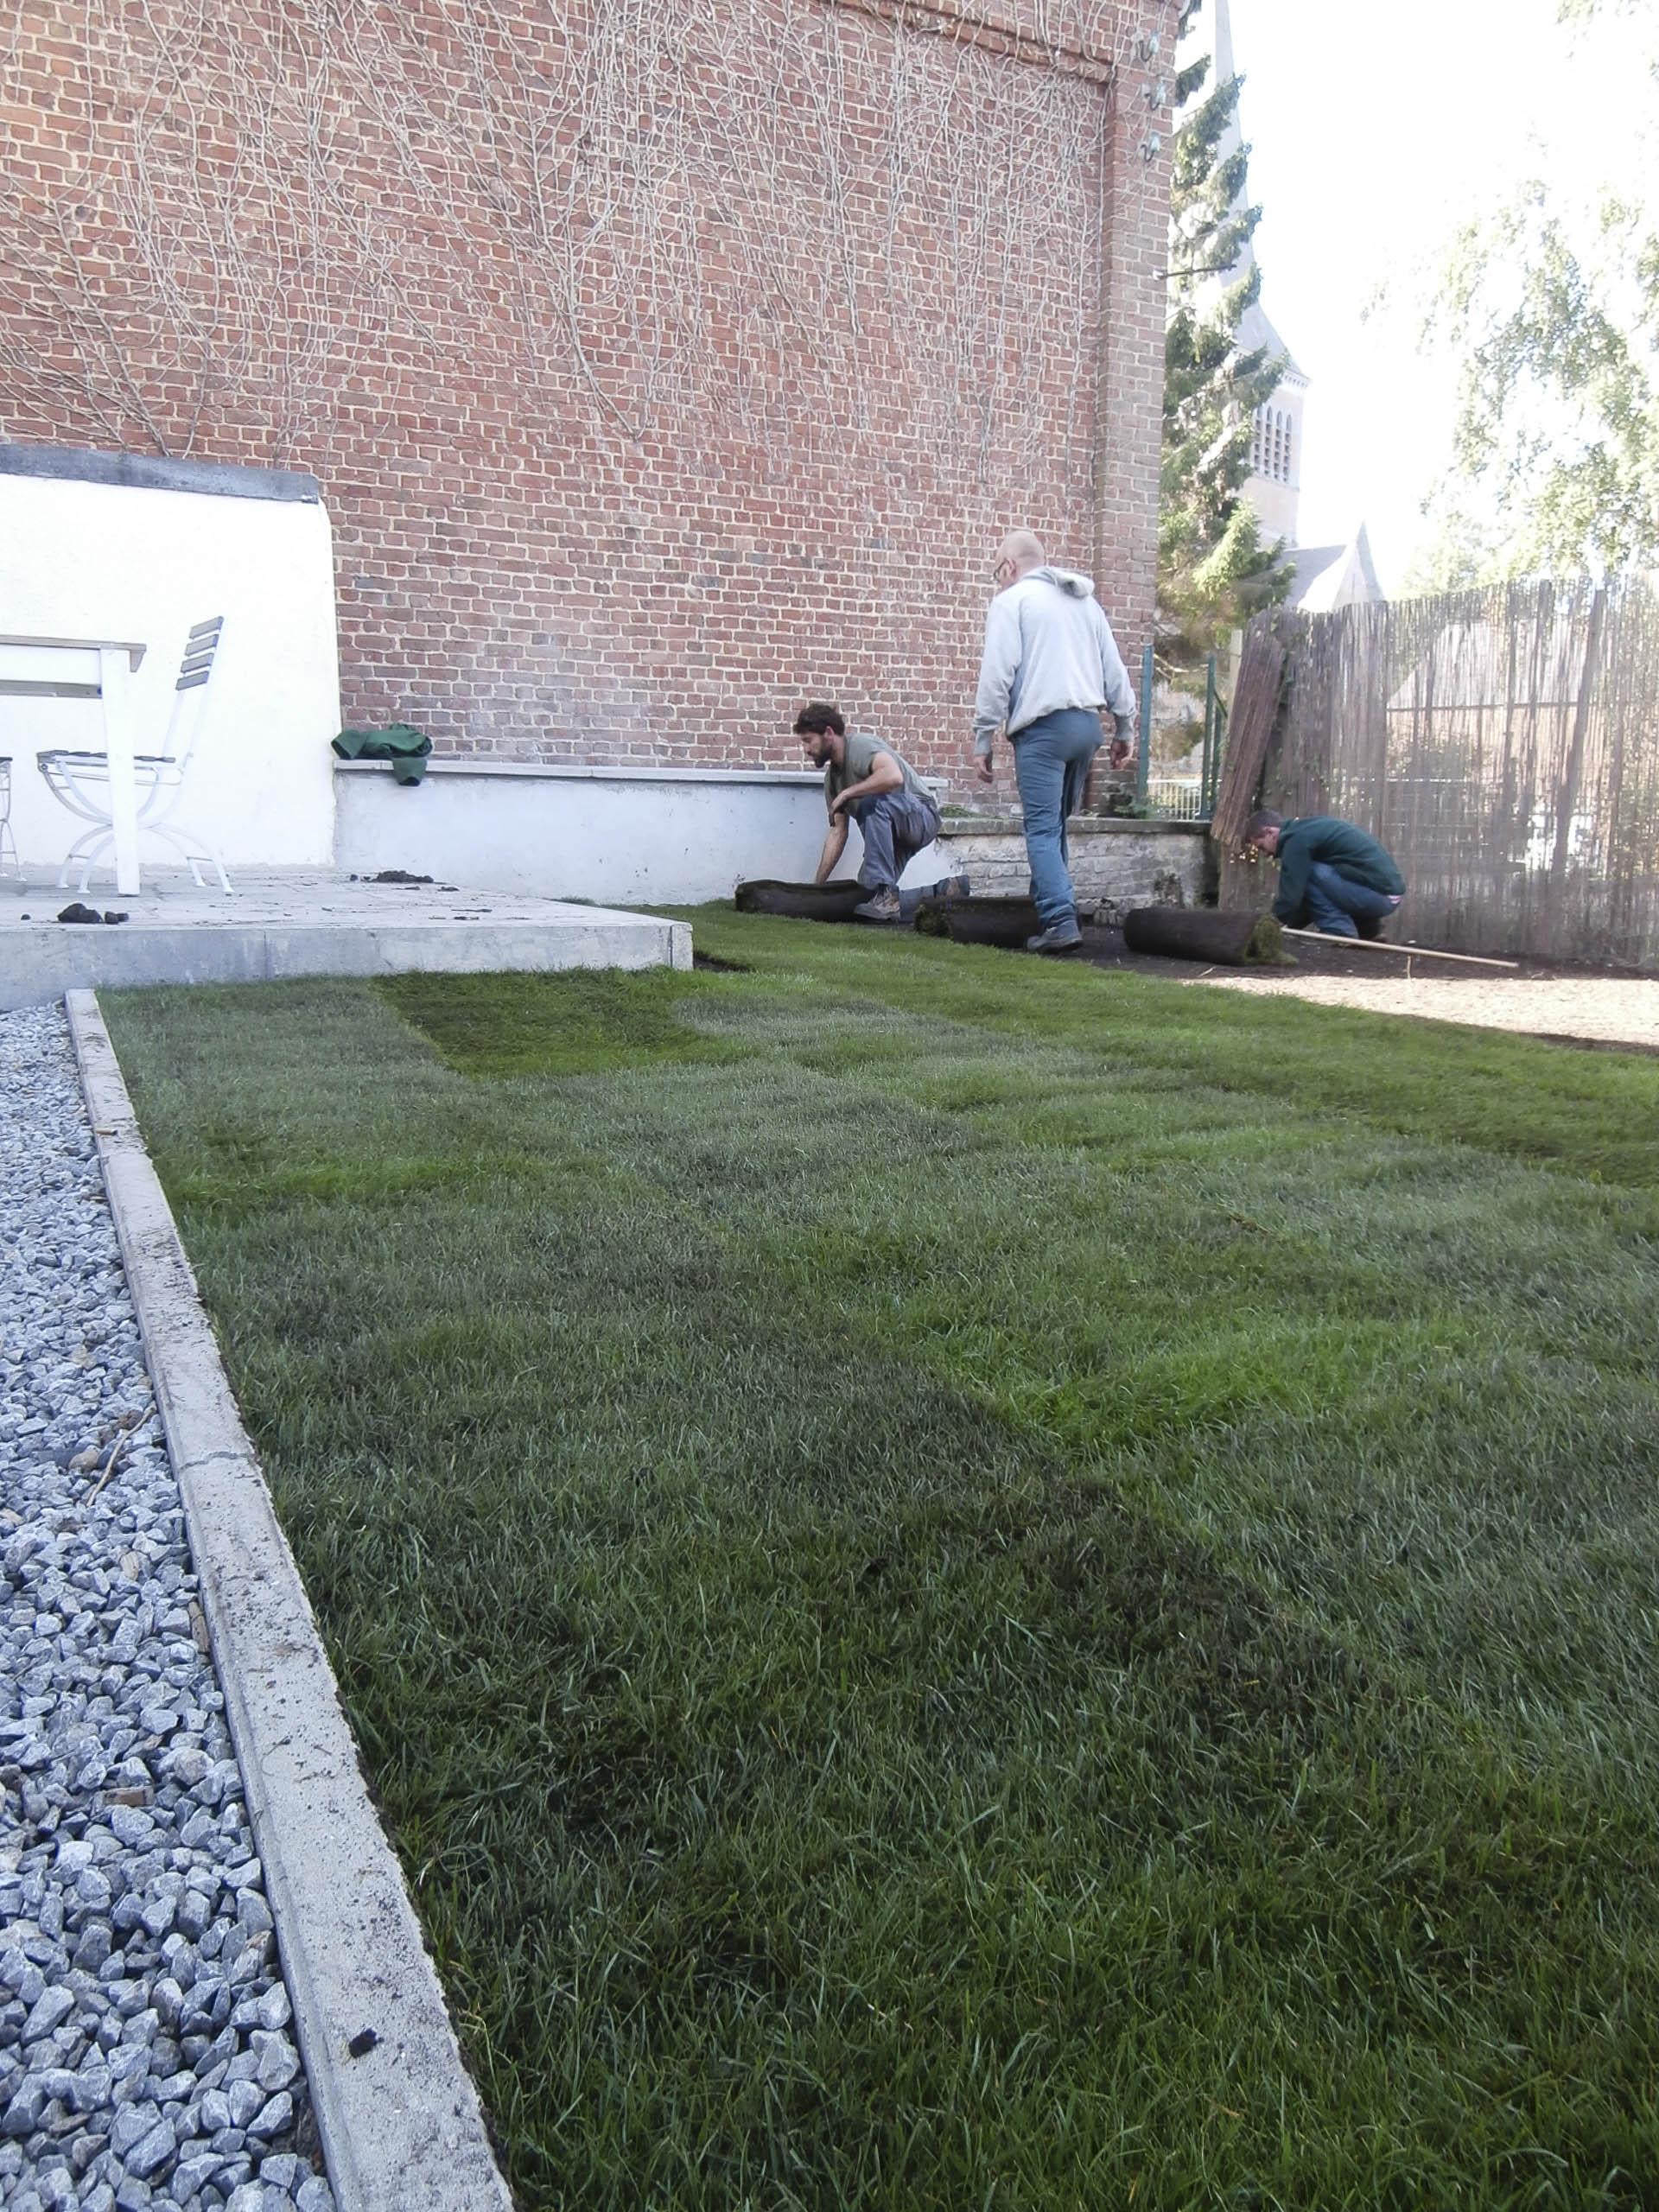 Espaces verts l 39 essor asbl entreprise de formation par for Travail espace vert